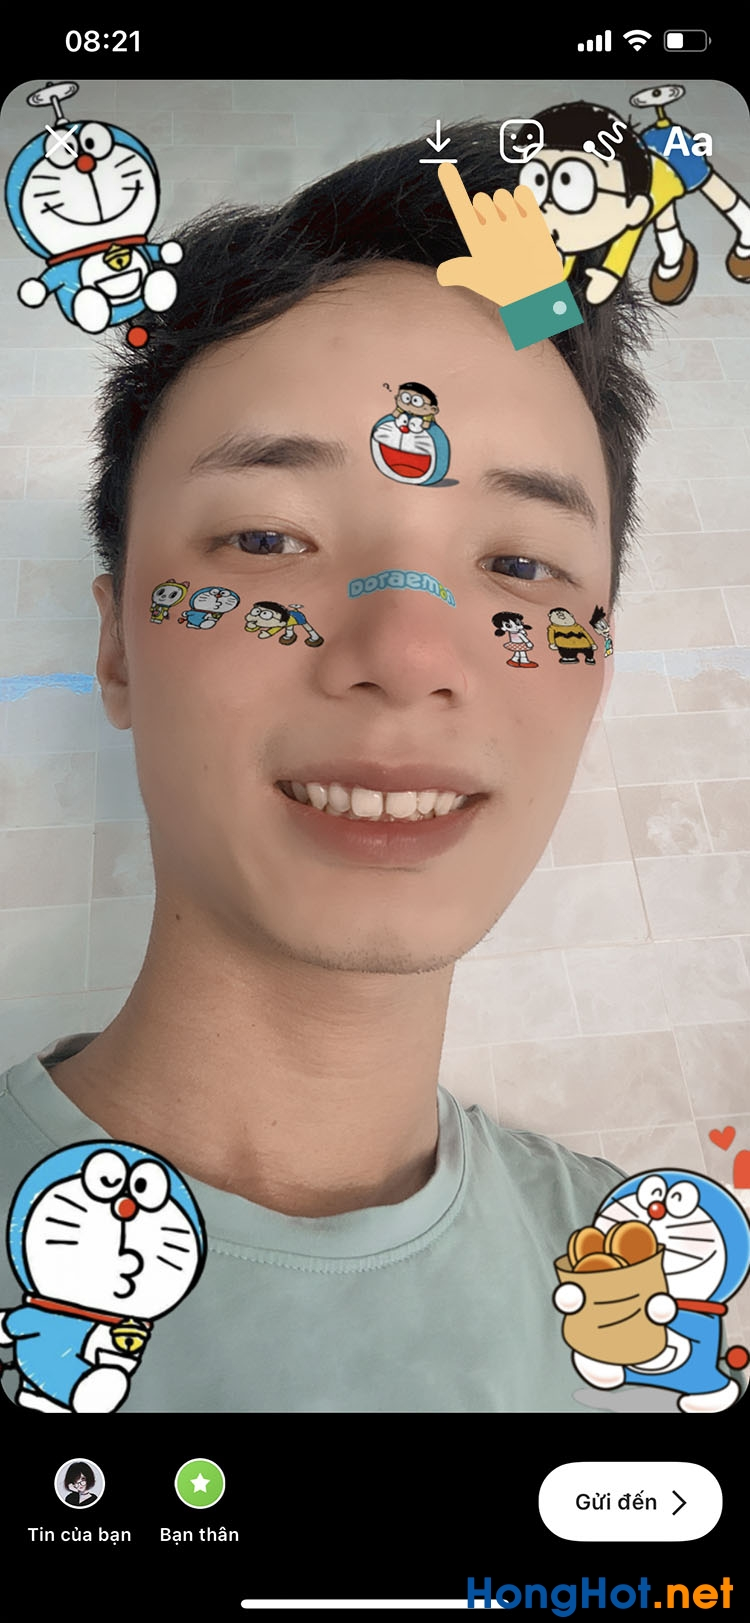 Cách chụp ảnh quay video có hiệu ứng Doraemon trên Instagram TikTok 9